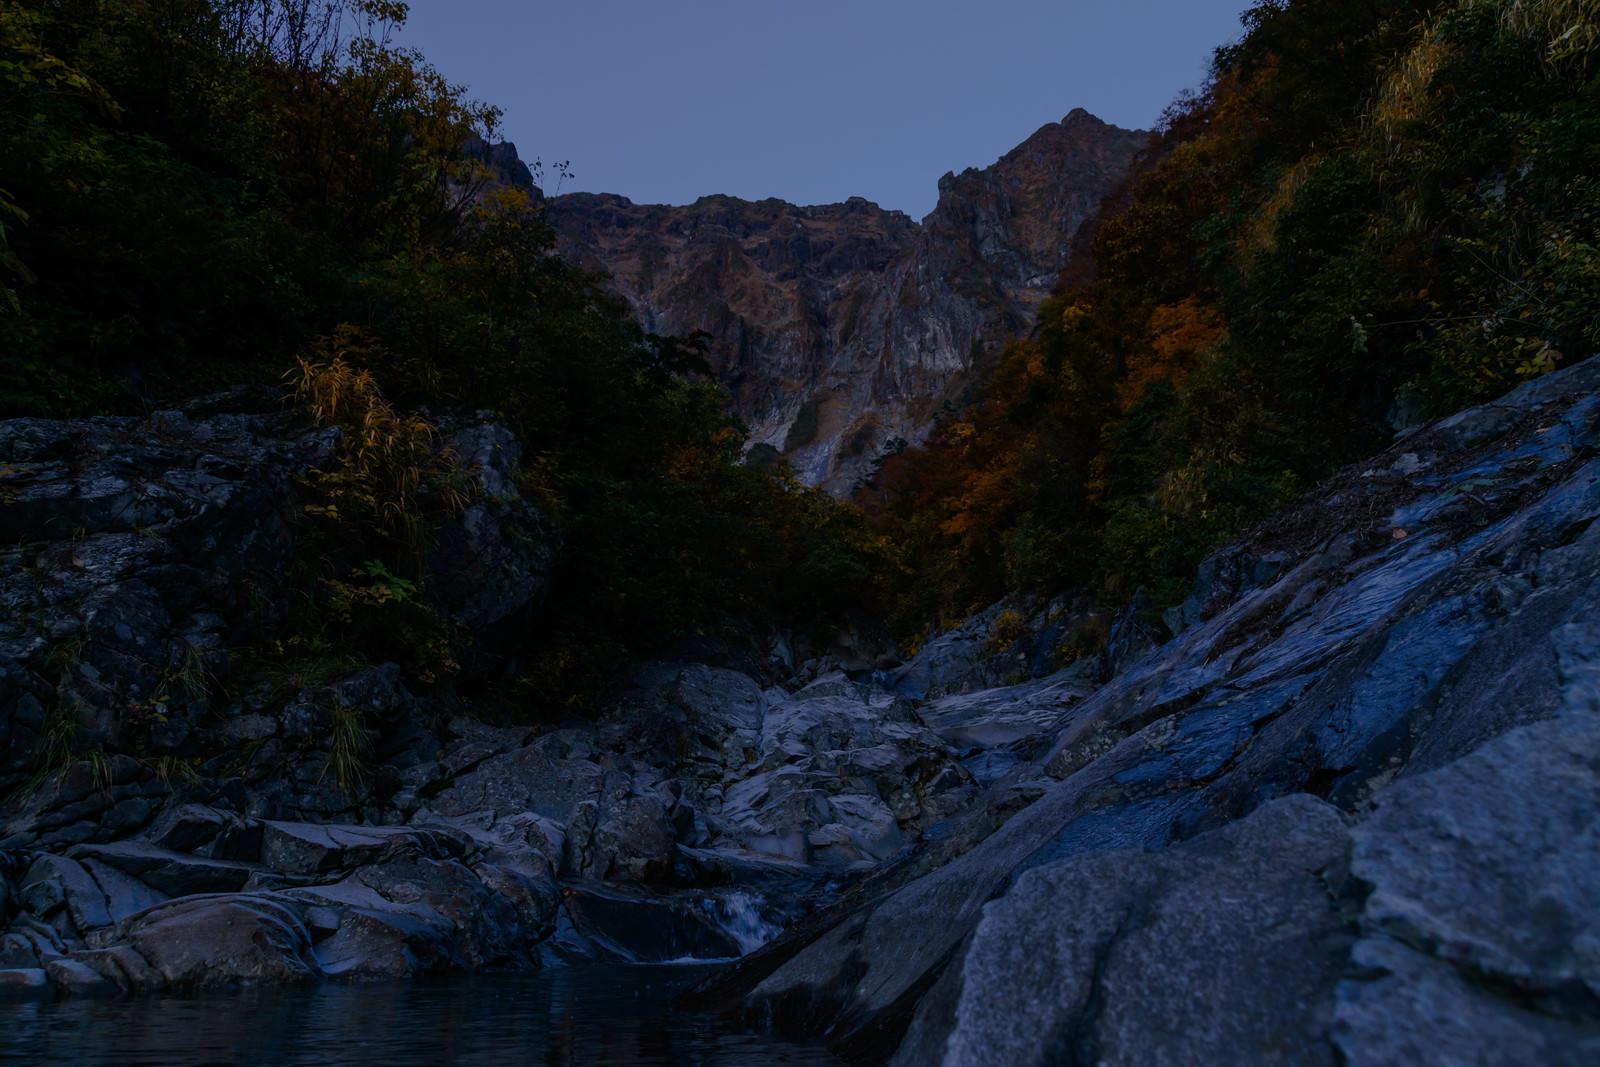 「薄暗い一ノ倉沢」の写真